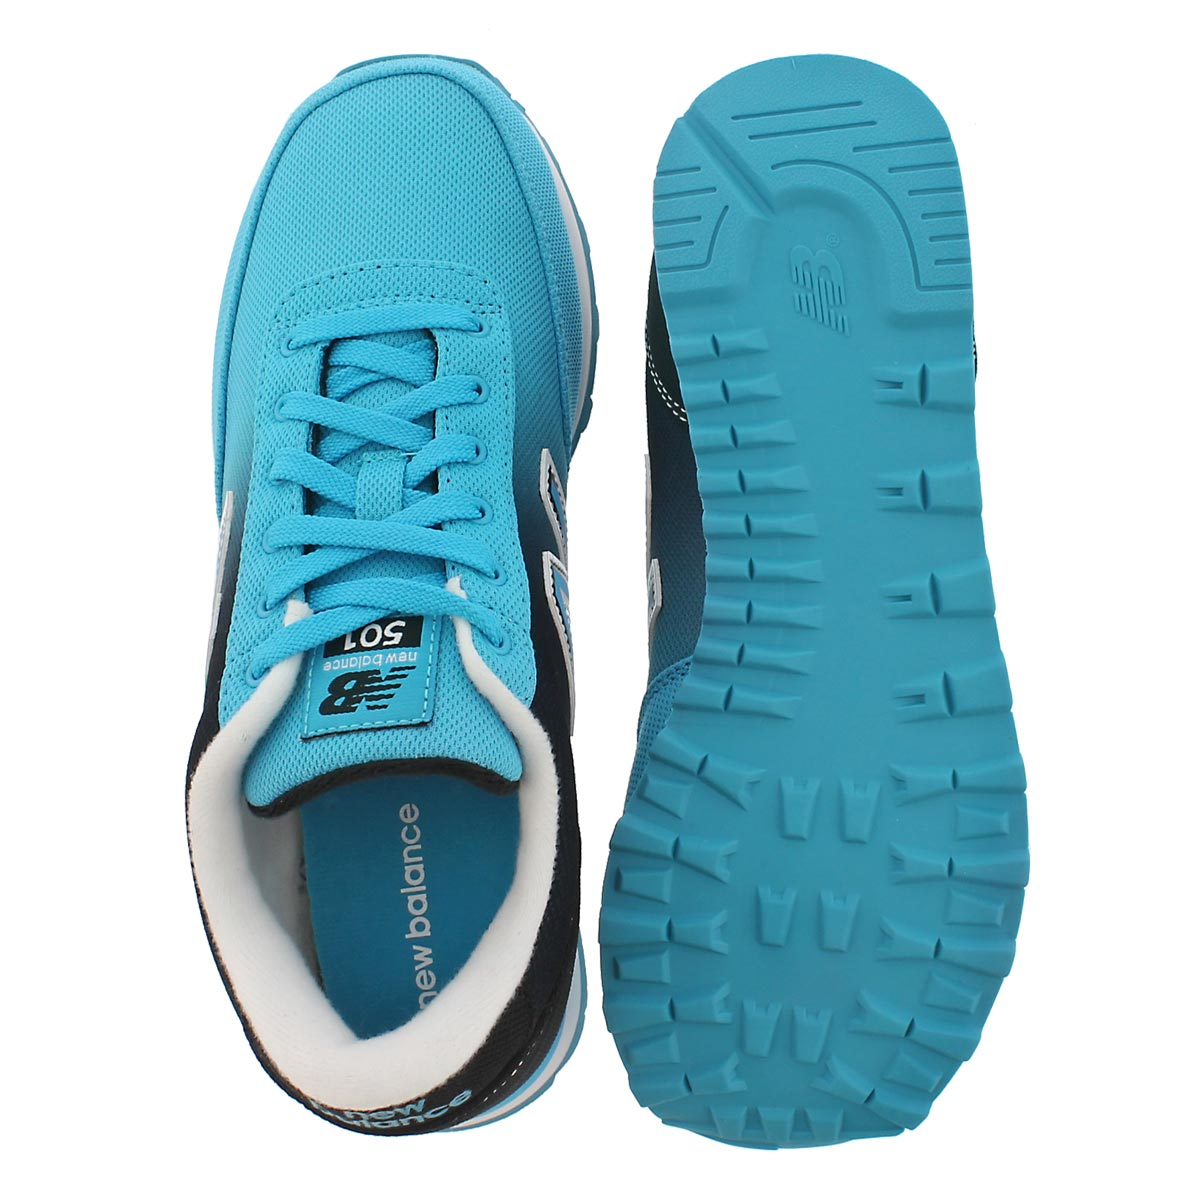 Lds 501 black/blue ombre lace up